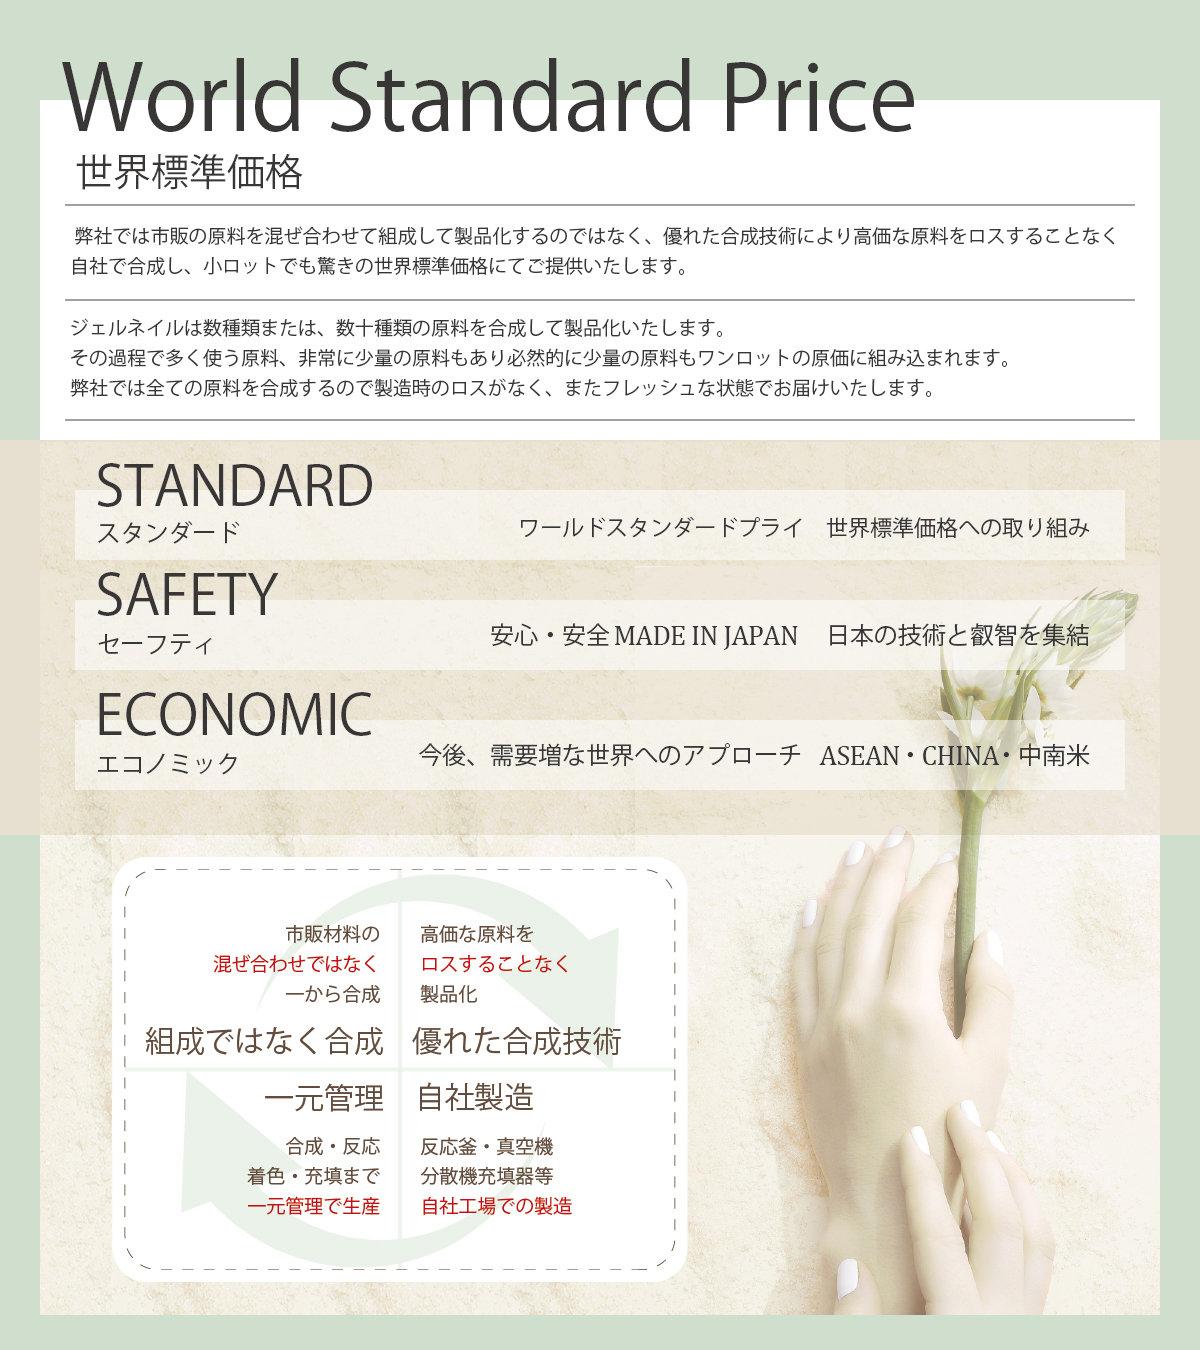 世界標準価格への取り組み